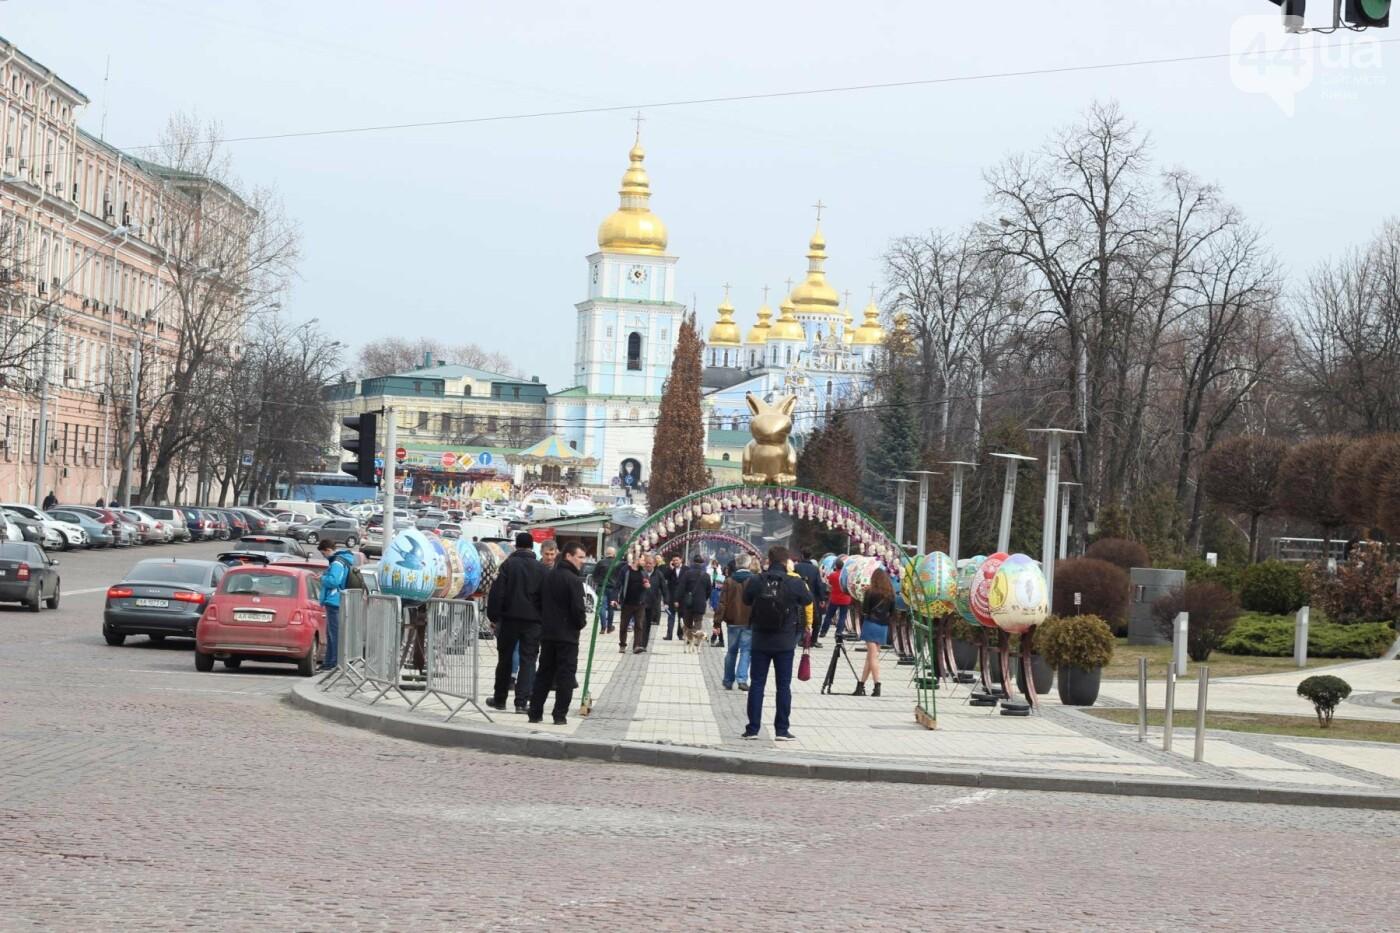 Писанки и кролики: как на Софийской площади проходит Пасхальный фестиваль, фото-58